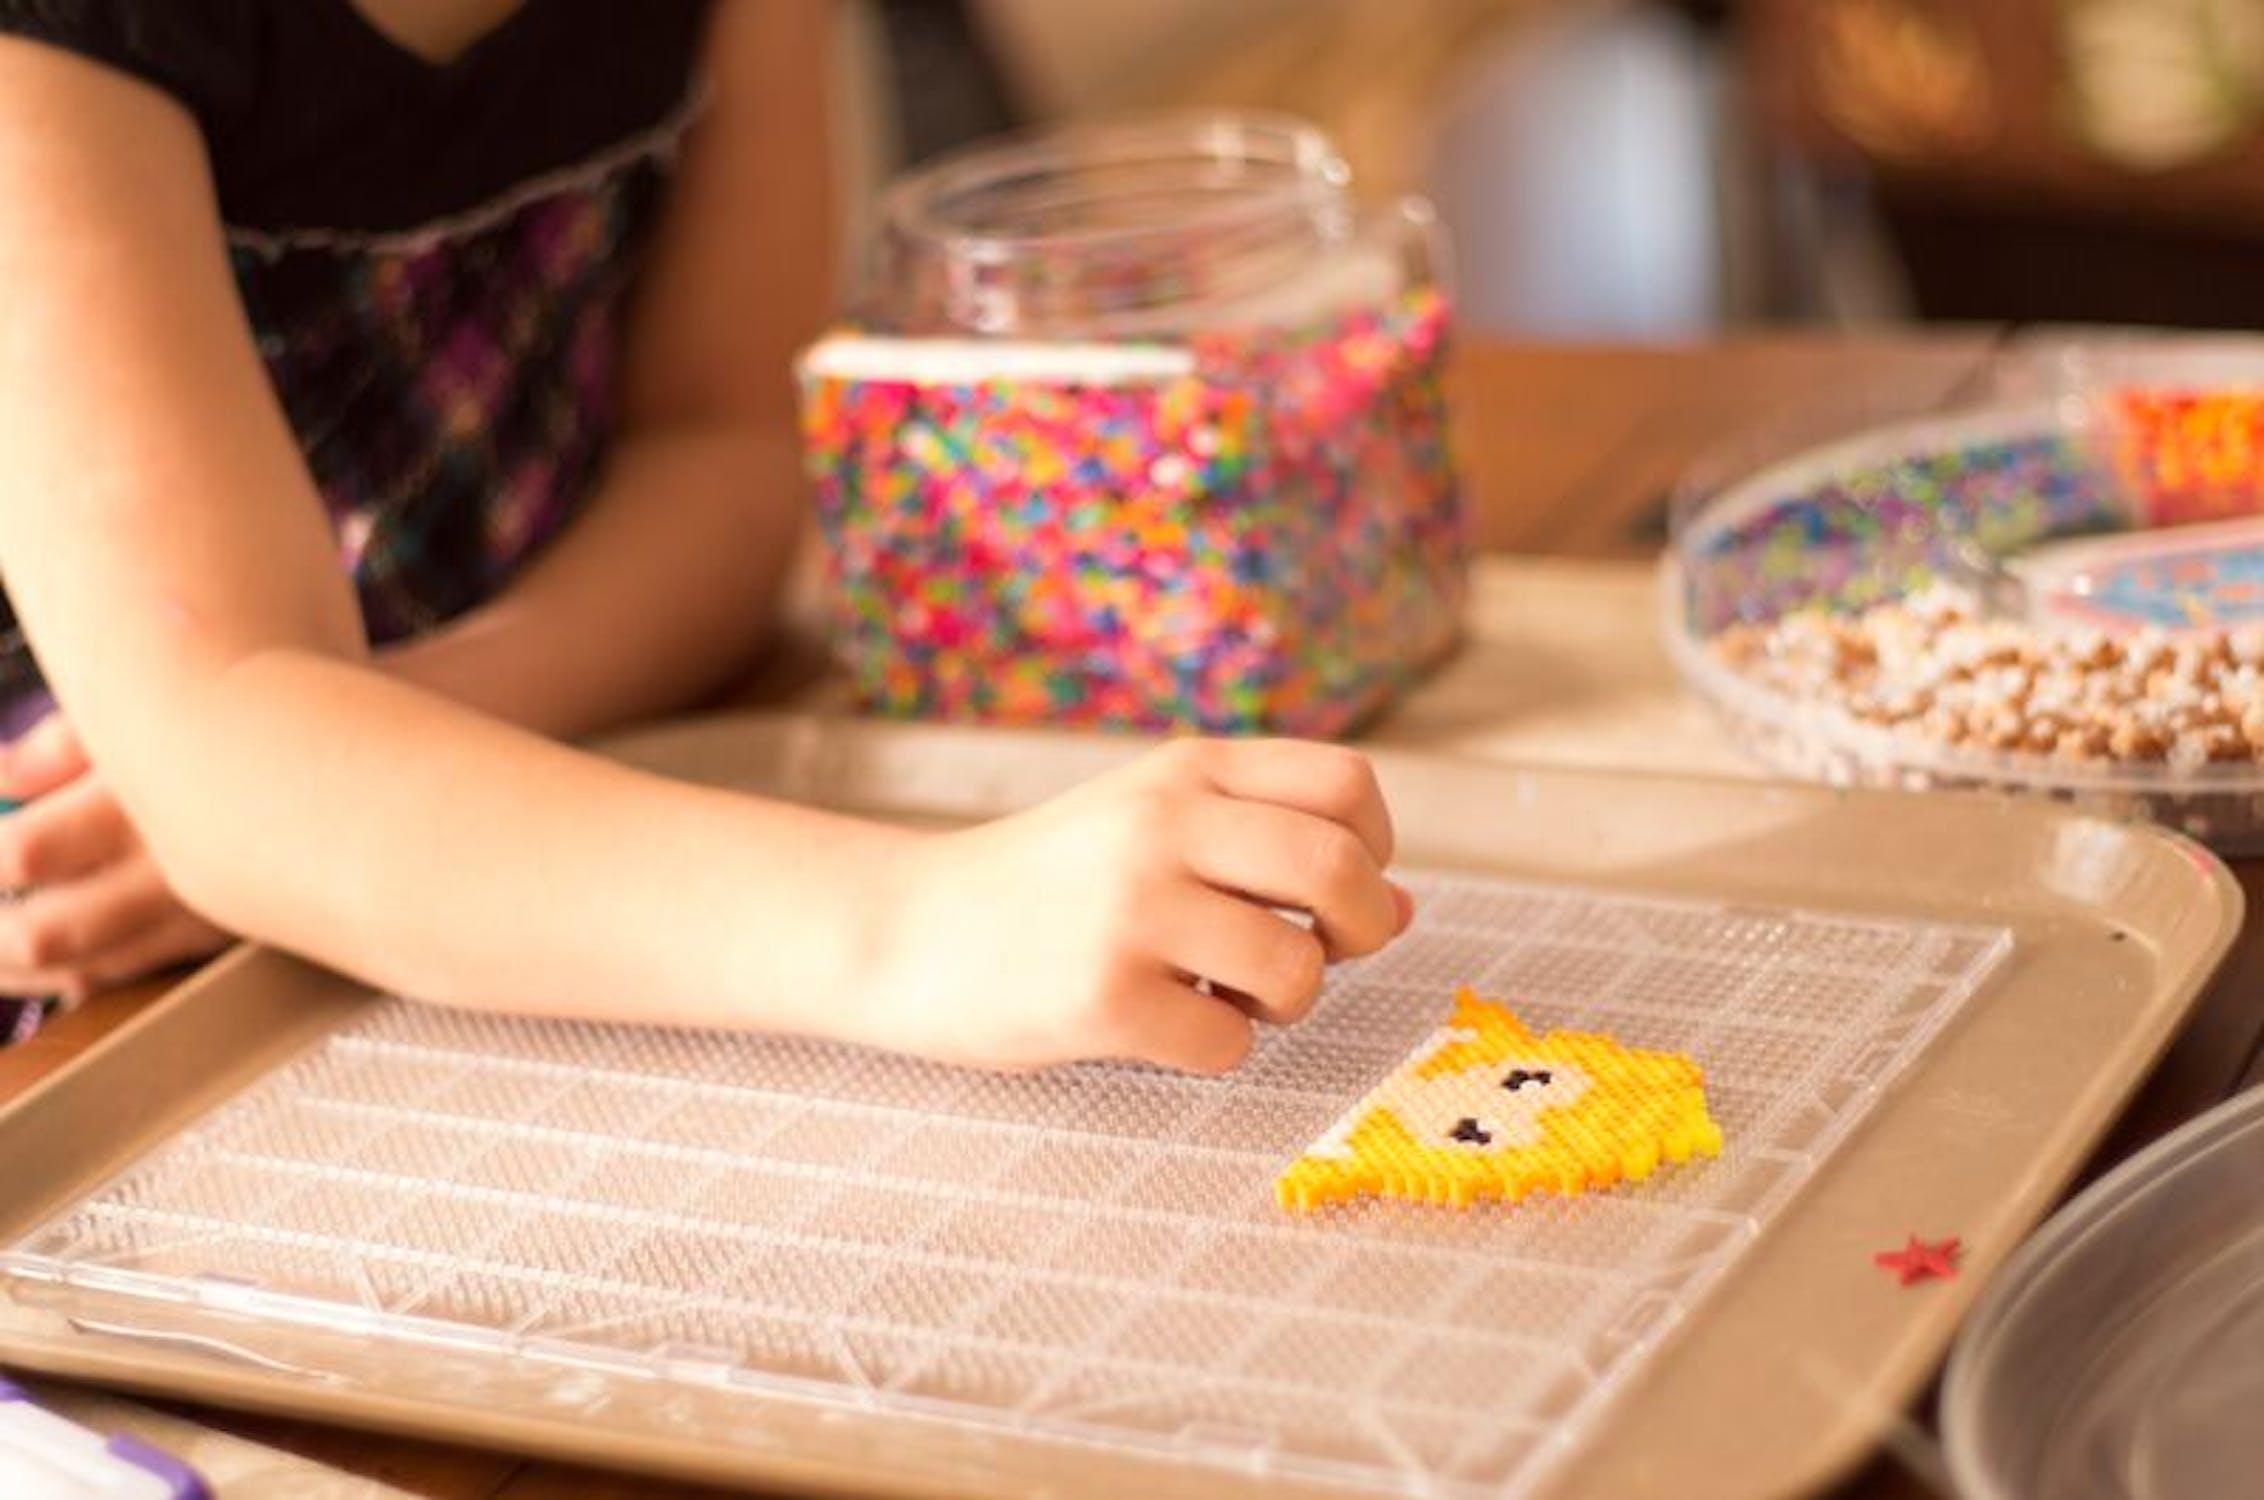 เตรียมยกเลิกเรียน 8 กลุ่มสาระในเด็กป.1-3 หลังผลวิจัยพบ เรียนมากไม่สบความสำเร็จ